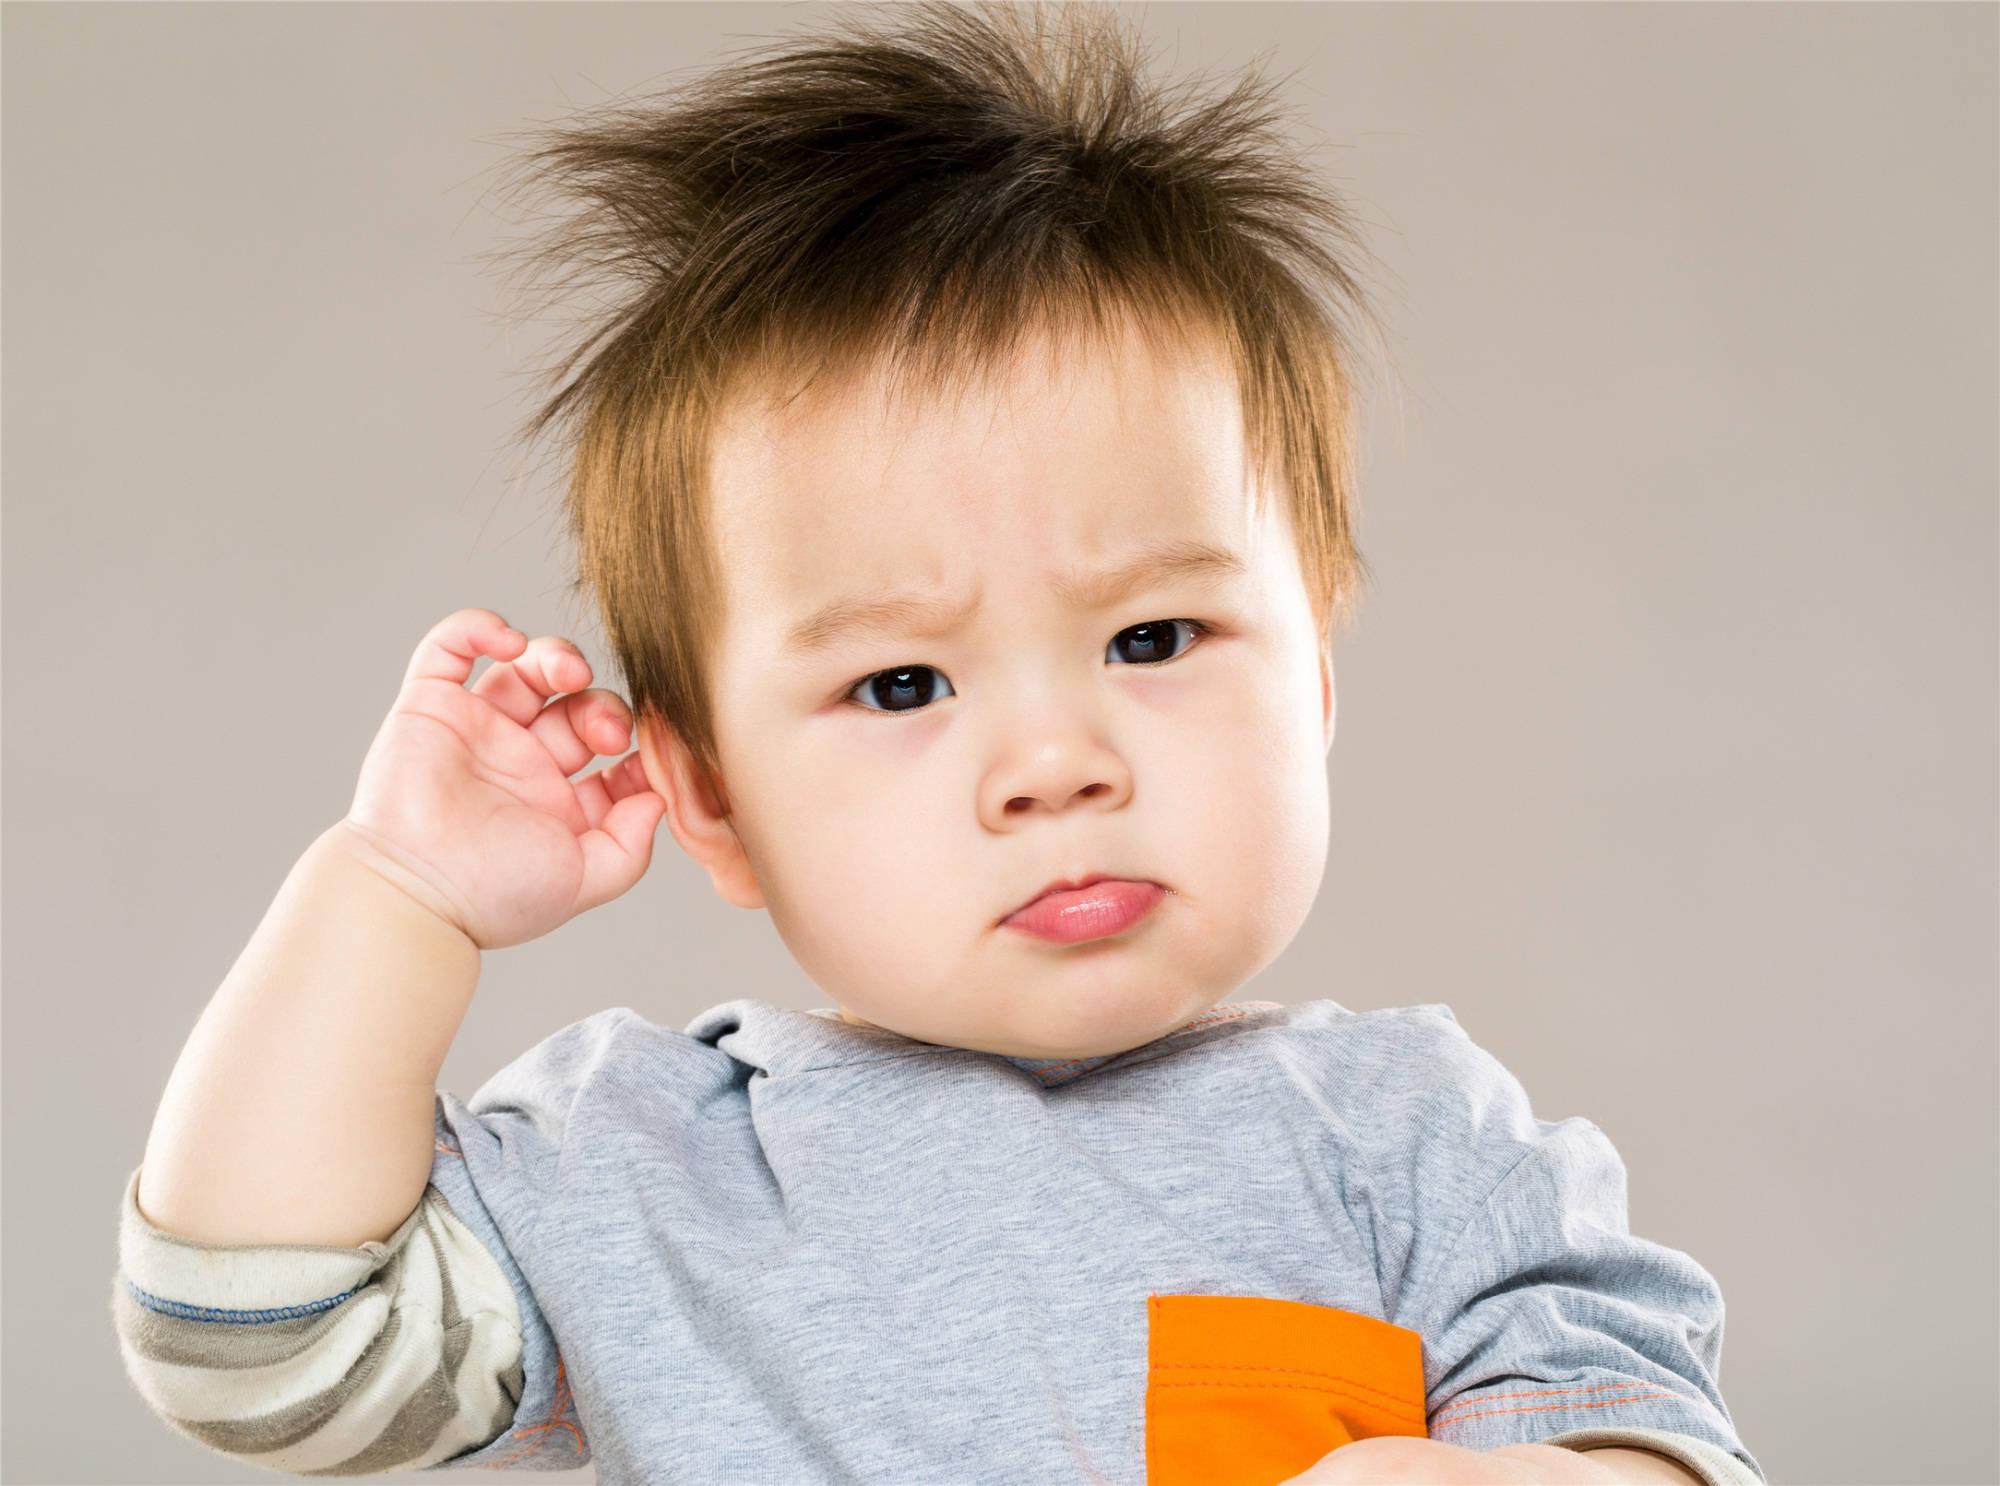 宝宝的容貌、智商、身高到底遗传谁?一一解释清楚,对照很真实  第5张